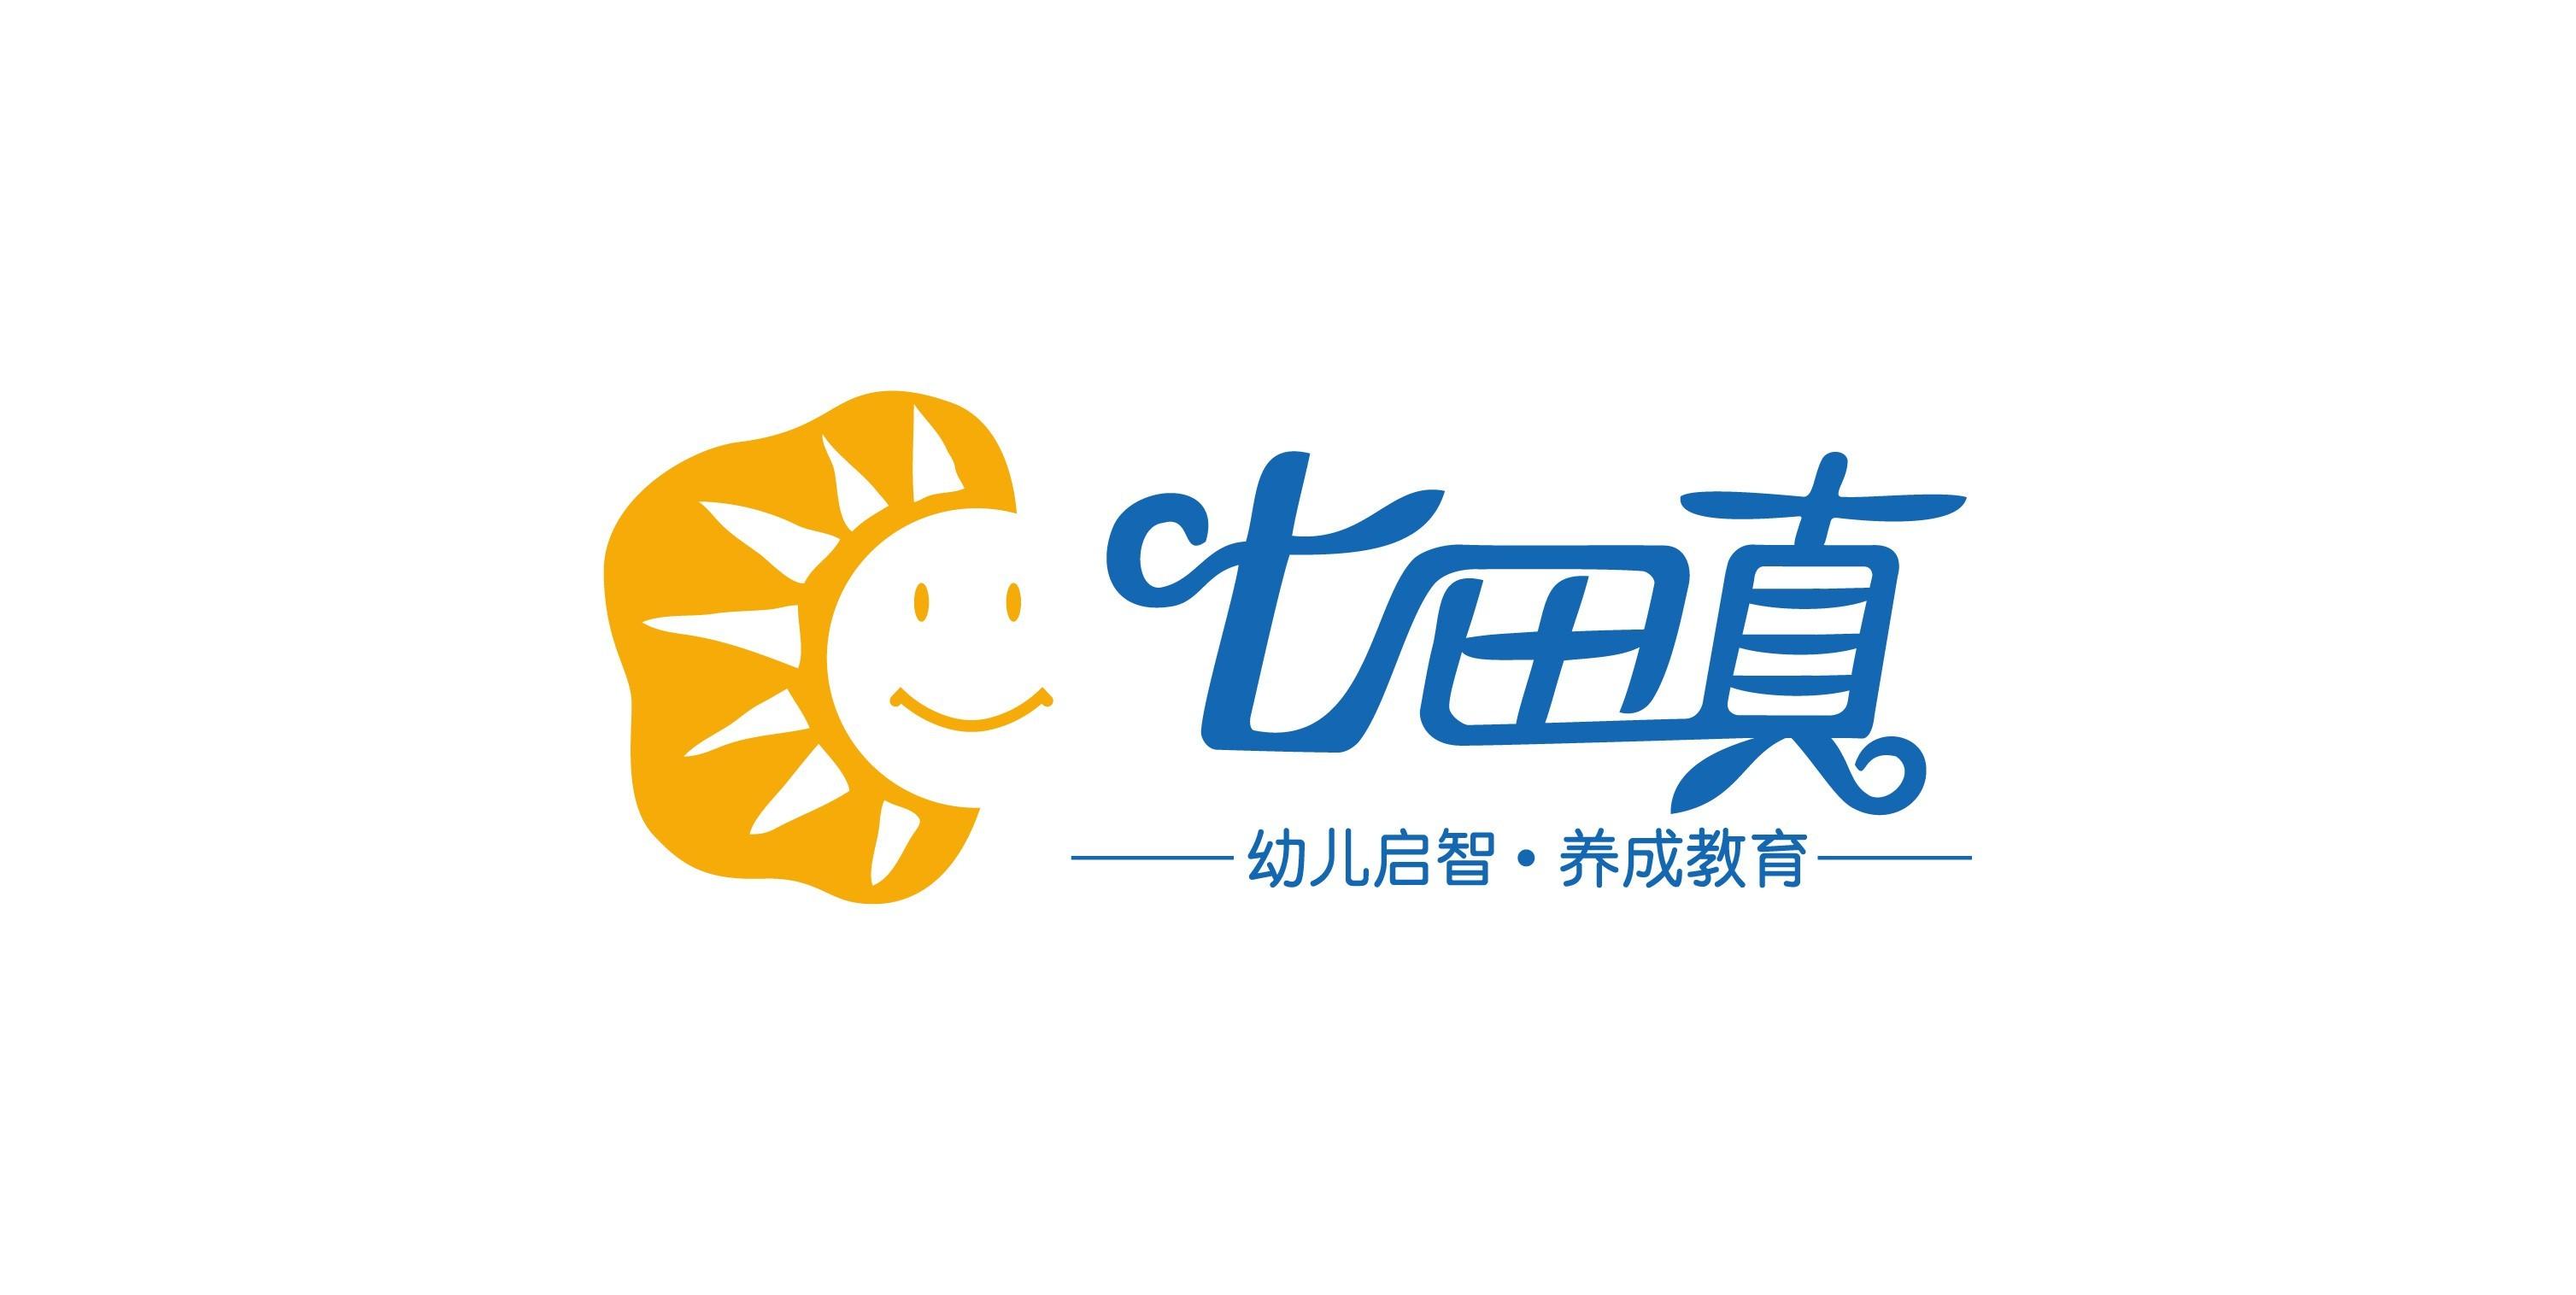 logo logo 标志 设计 矢量 矢量图 素材 图标 3015_1516